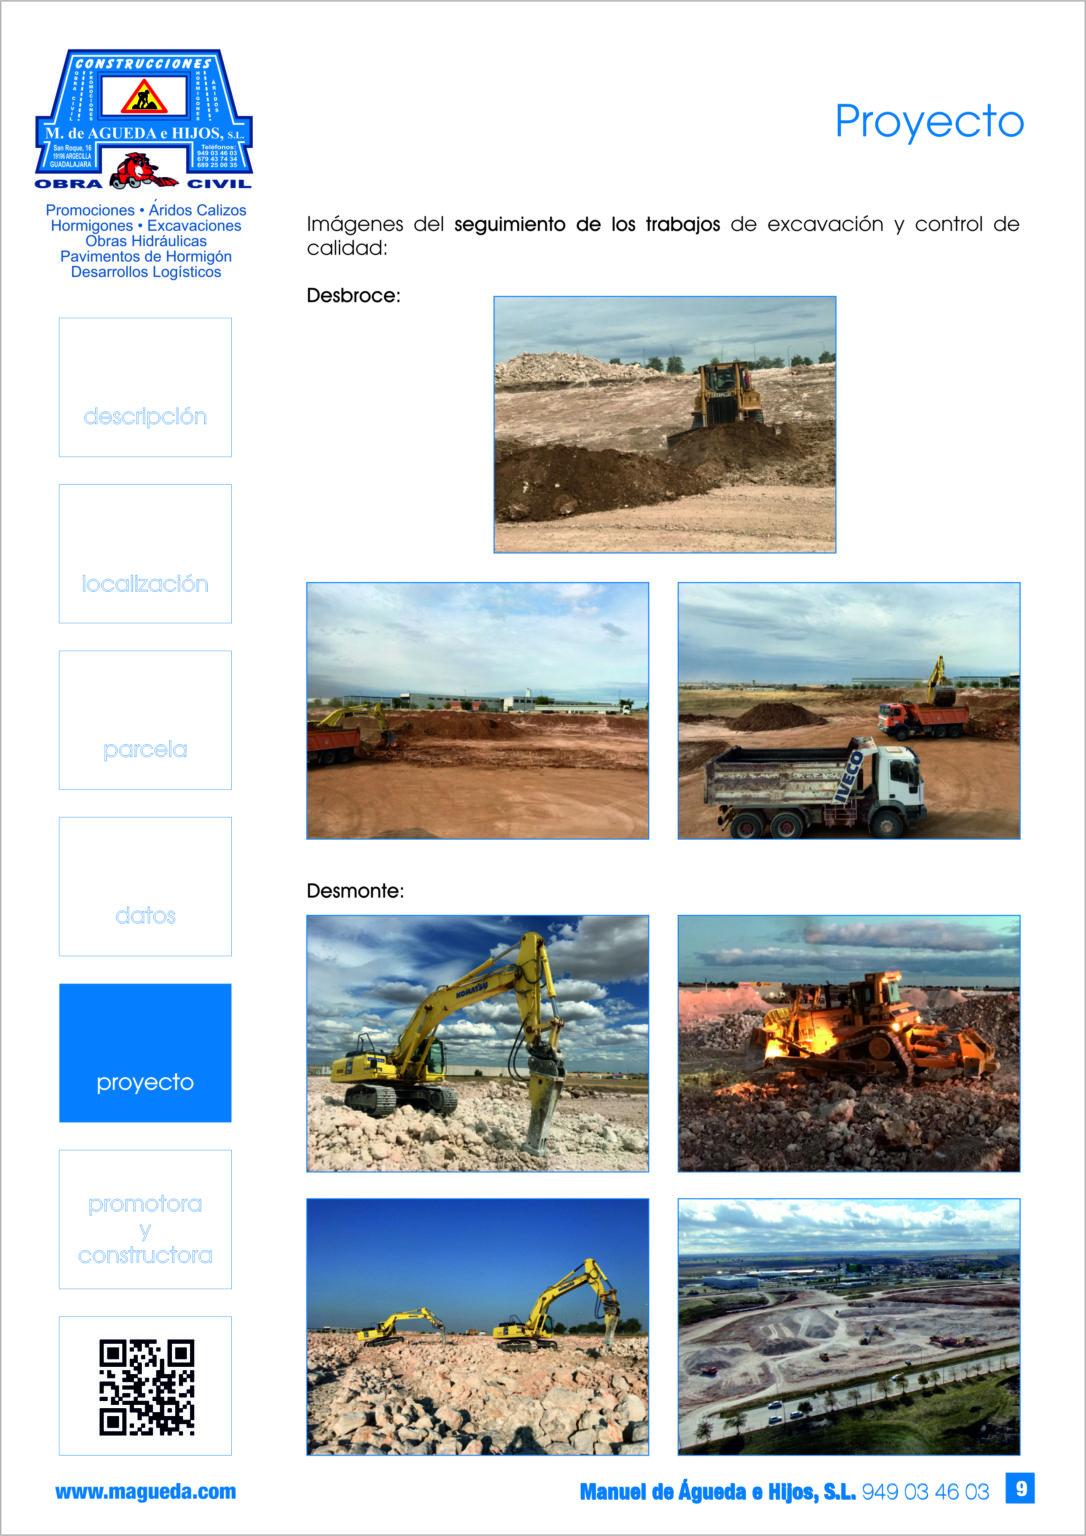 aagueda-dossier-comercial-I3-4-9